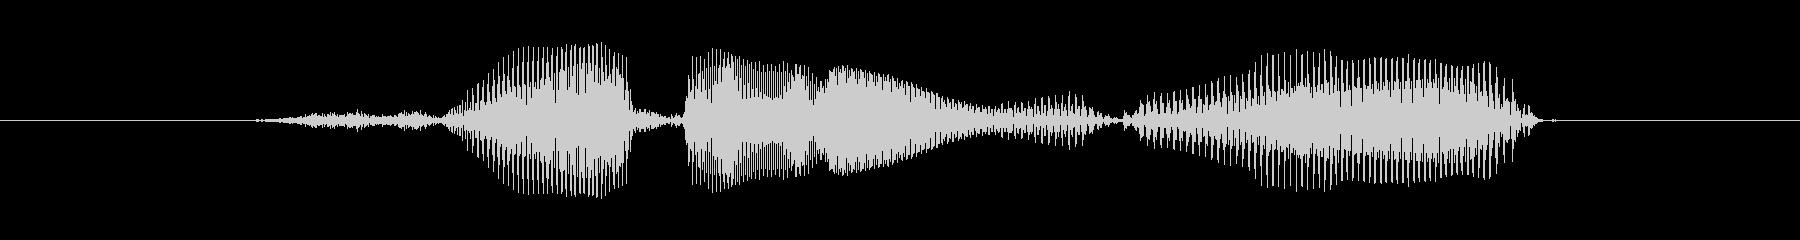 相談無料の未再生の波形